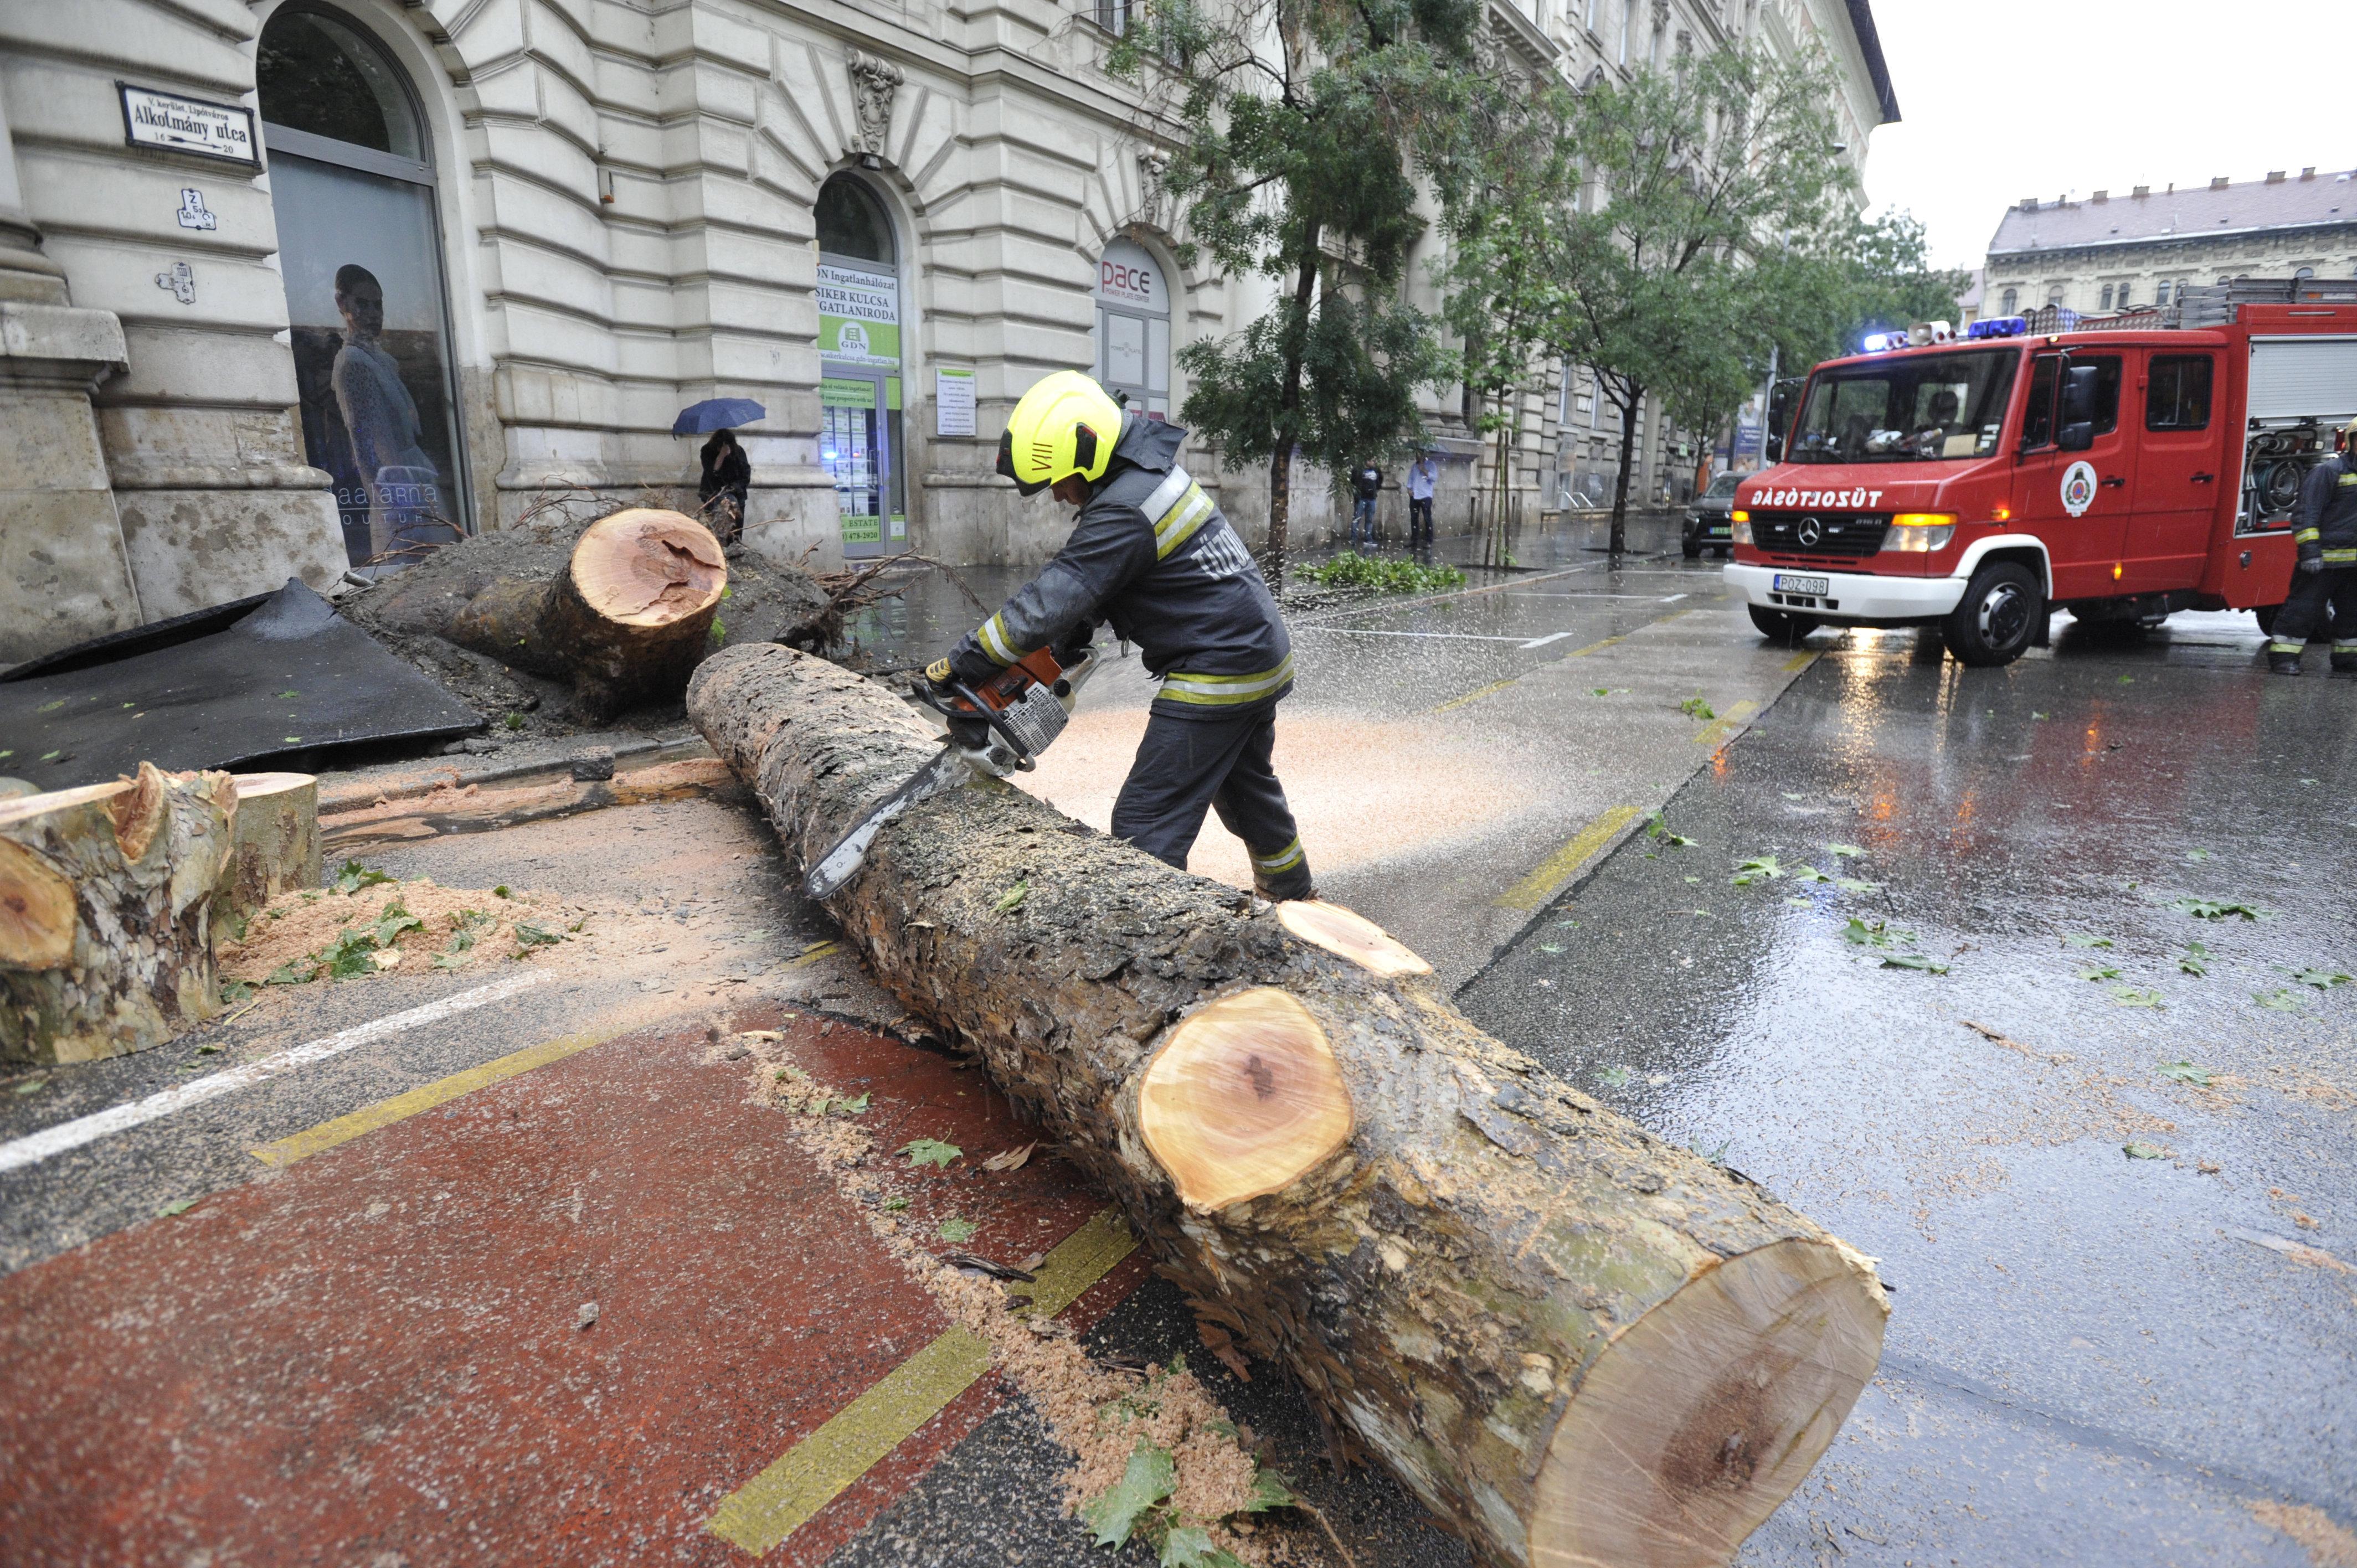 Már több mint 500 esethez riasztották a tűzoltókat